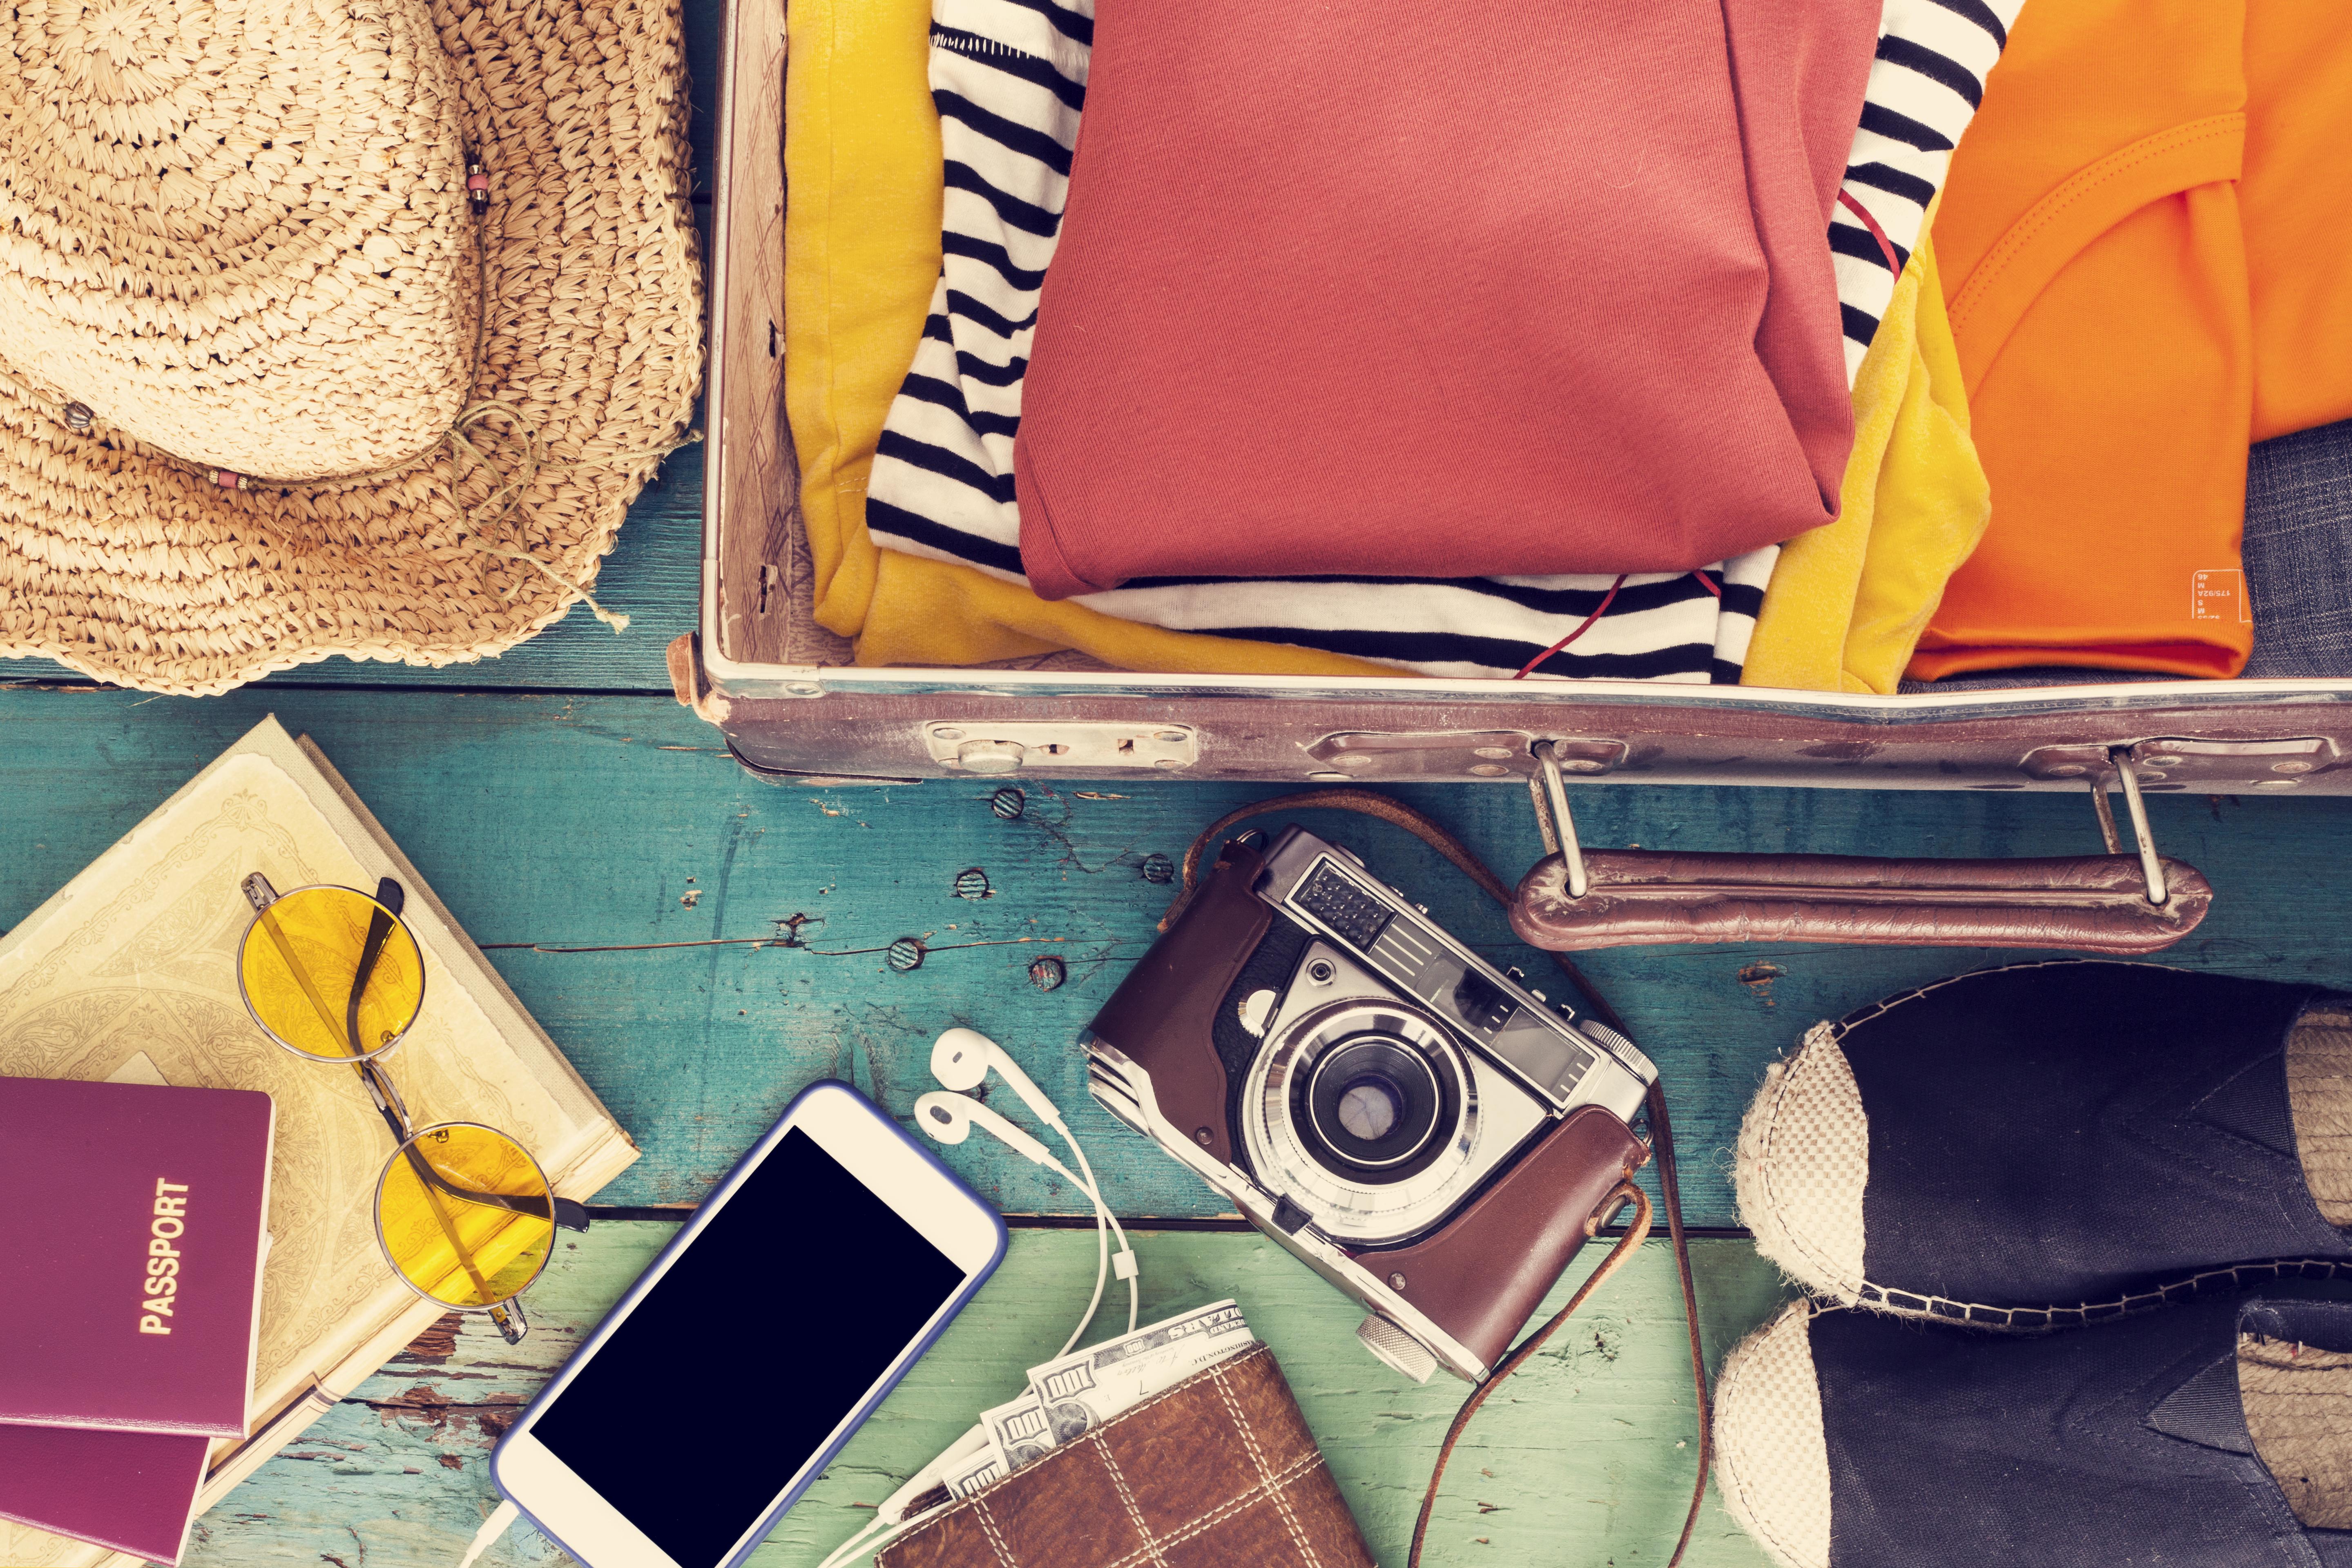 Les 10 petits trucs utiles et malins à mettre dans sa valise